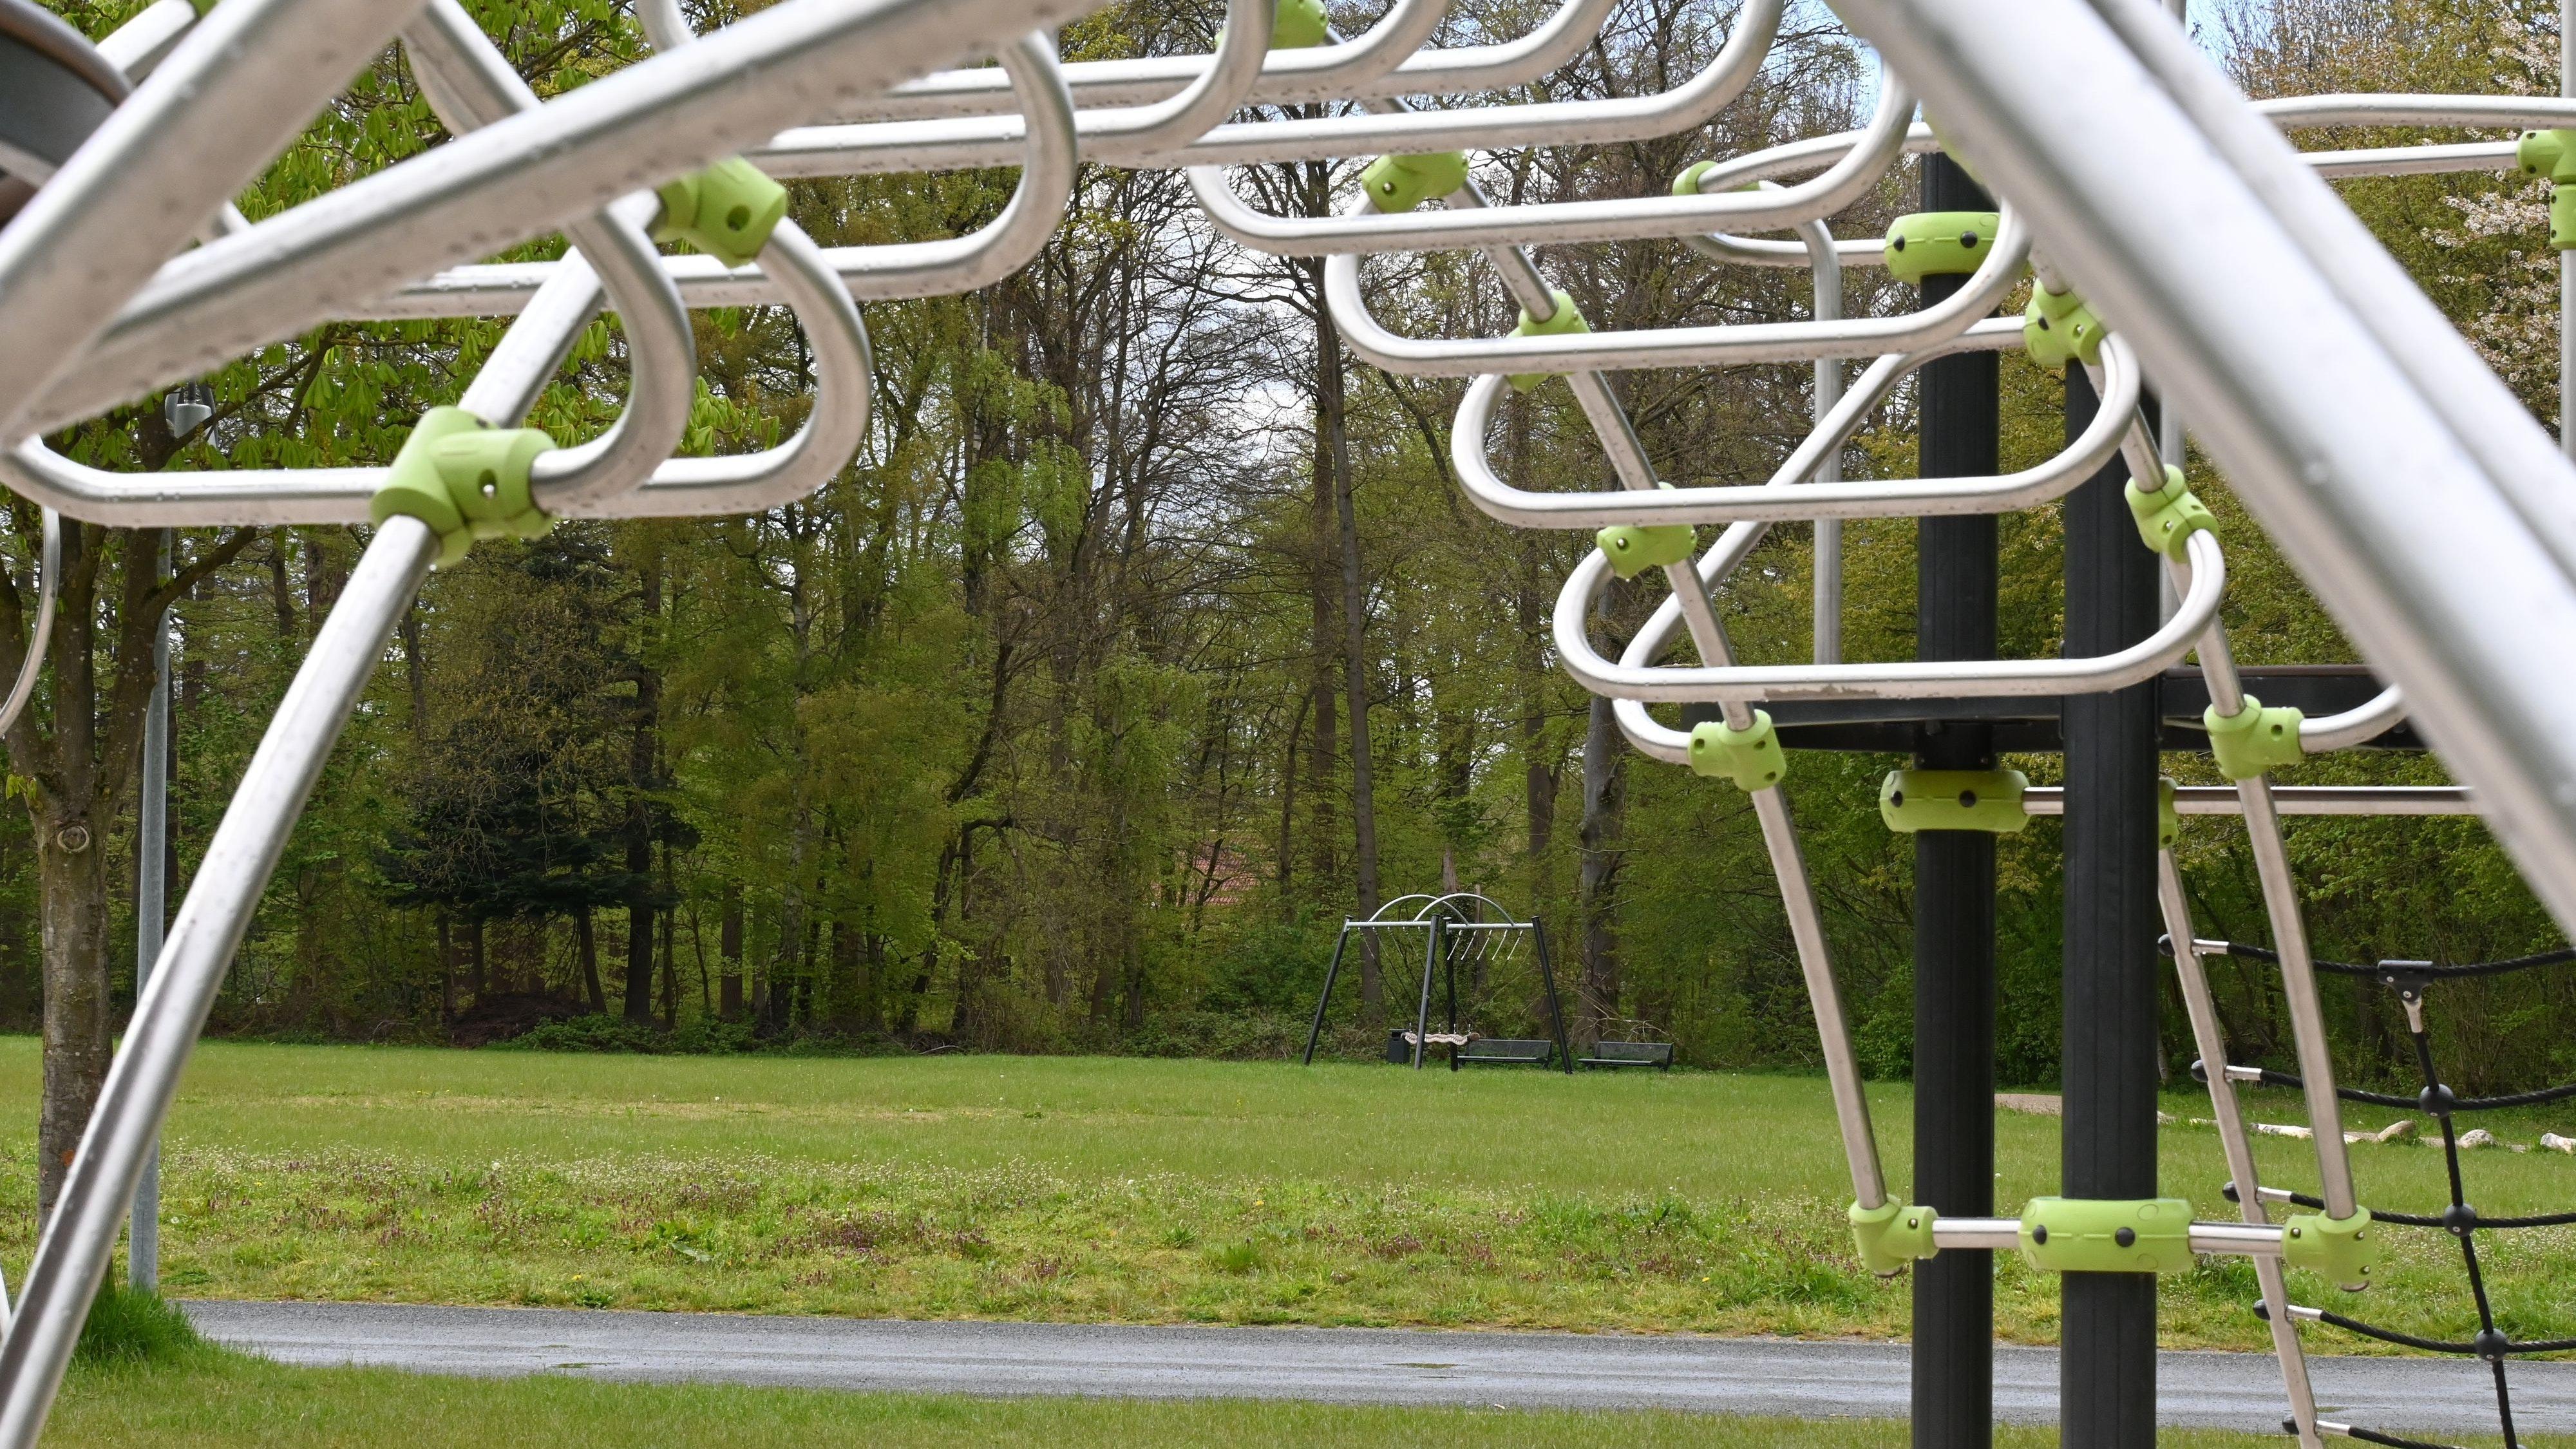 Möglicher Standort: Ein Sendeturm könnte auf dem Dorfplatz in Cappeln errichtet werden. Foto: Thomas Vorwerk